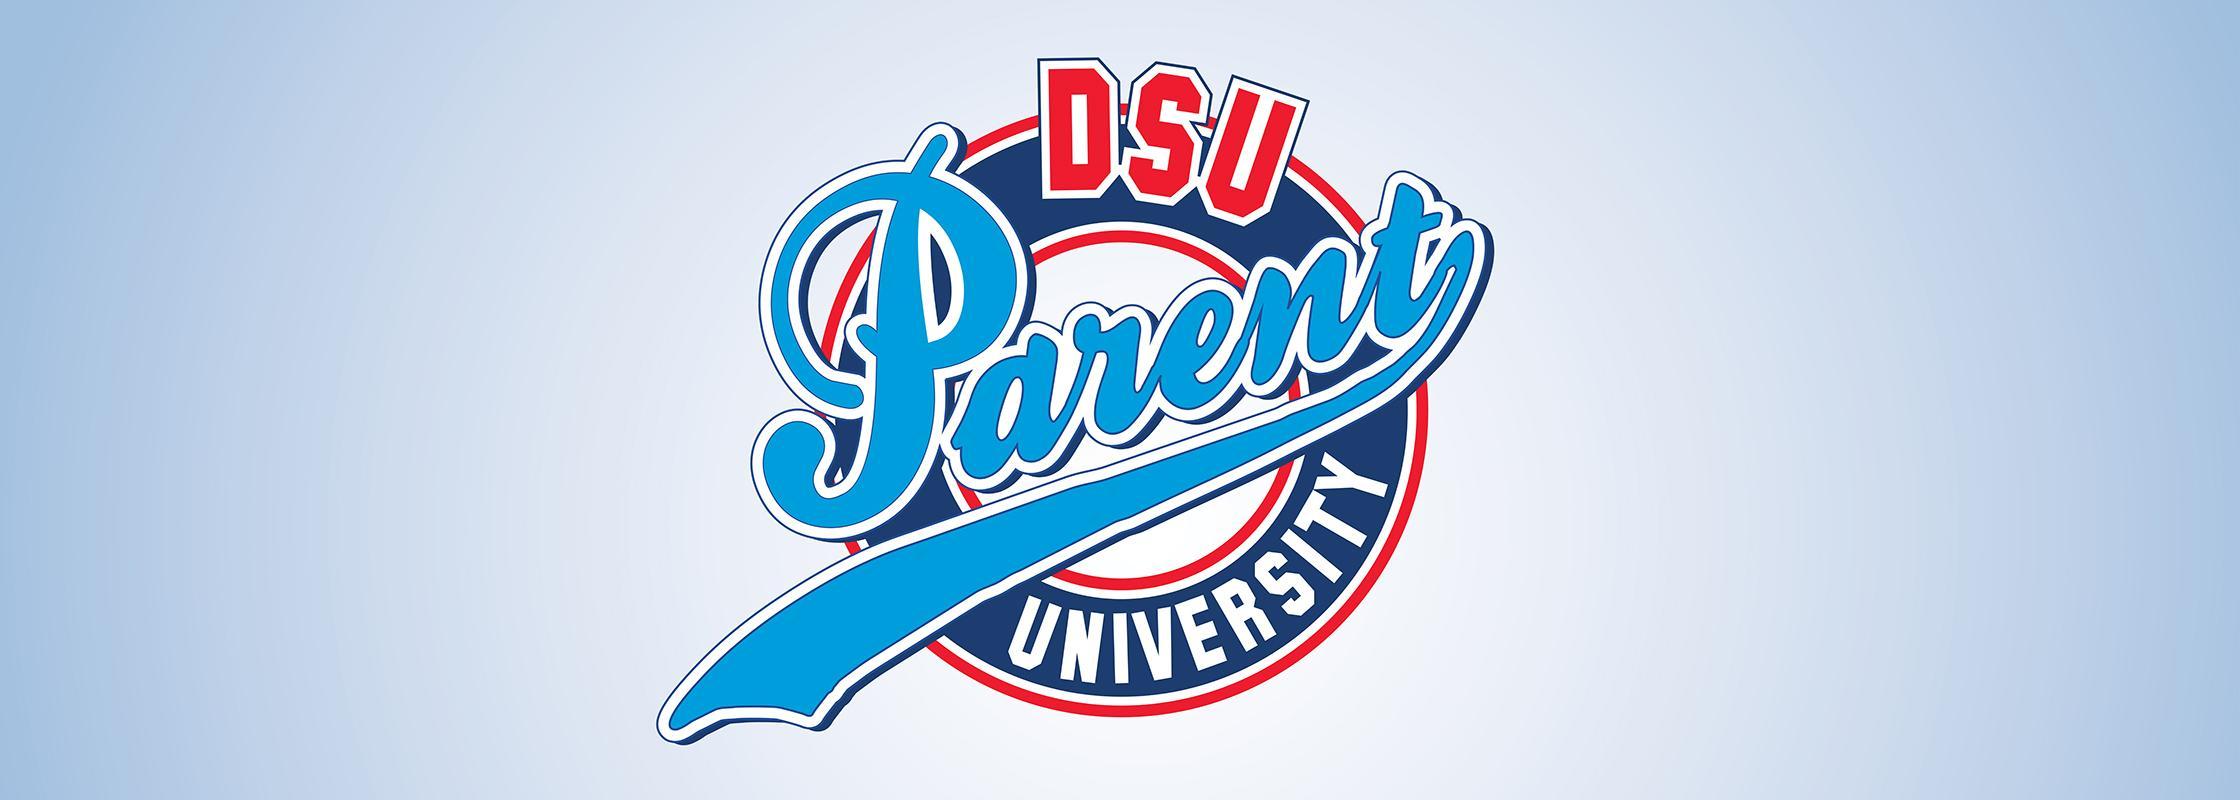 DSU parent university logo